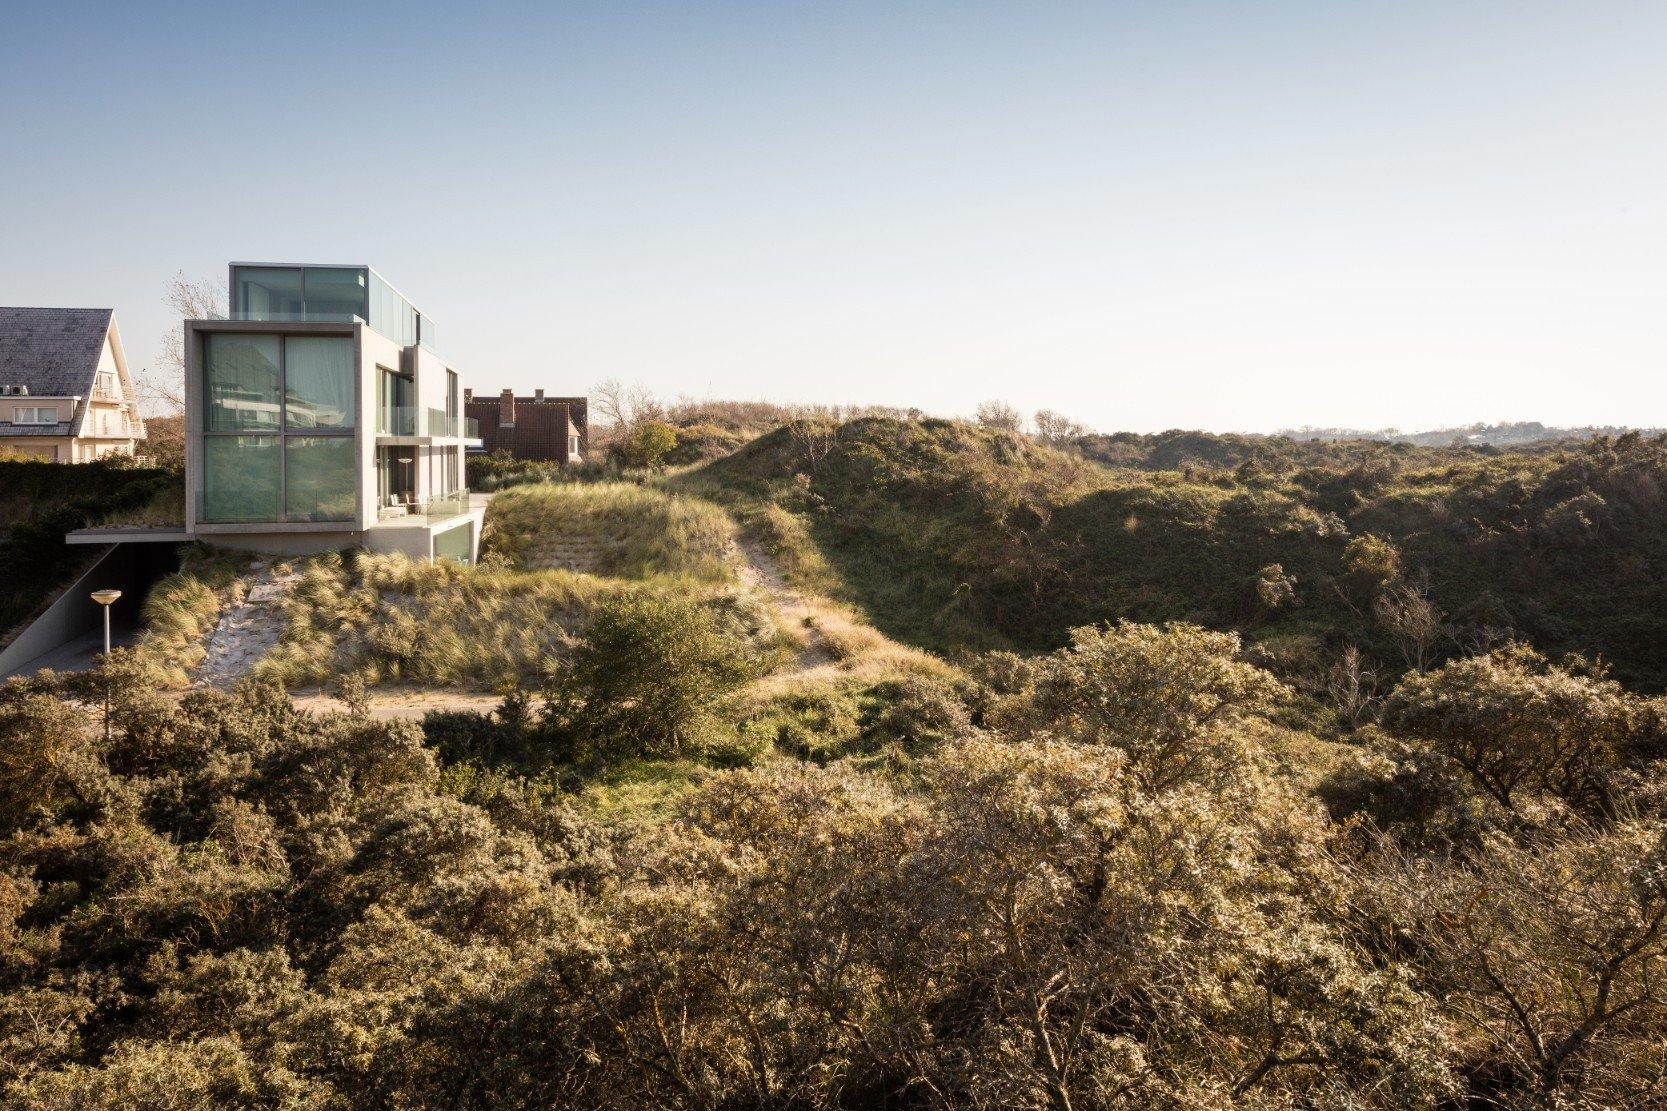 Rietveldprojects-saarinen-appartement-design-architectuur-kust-tvdv8.jpg